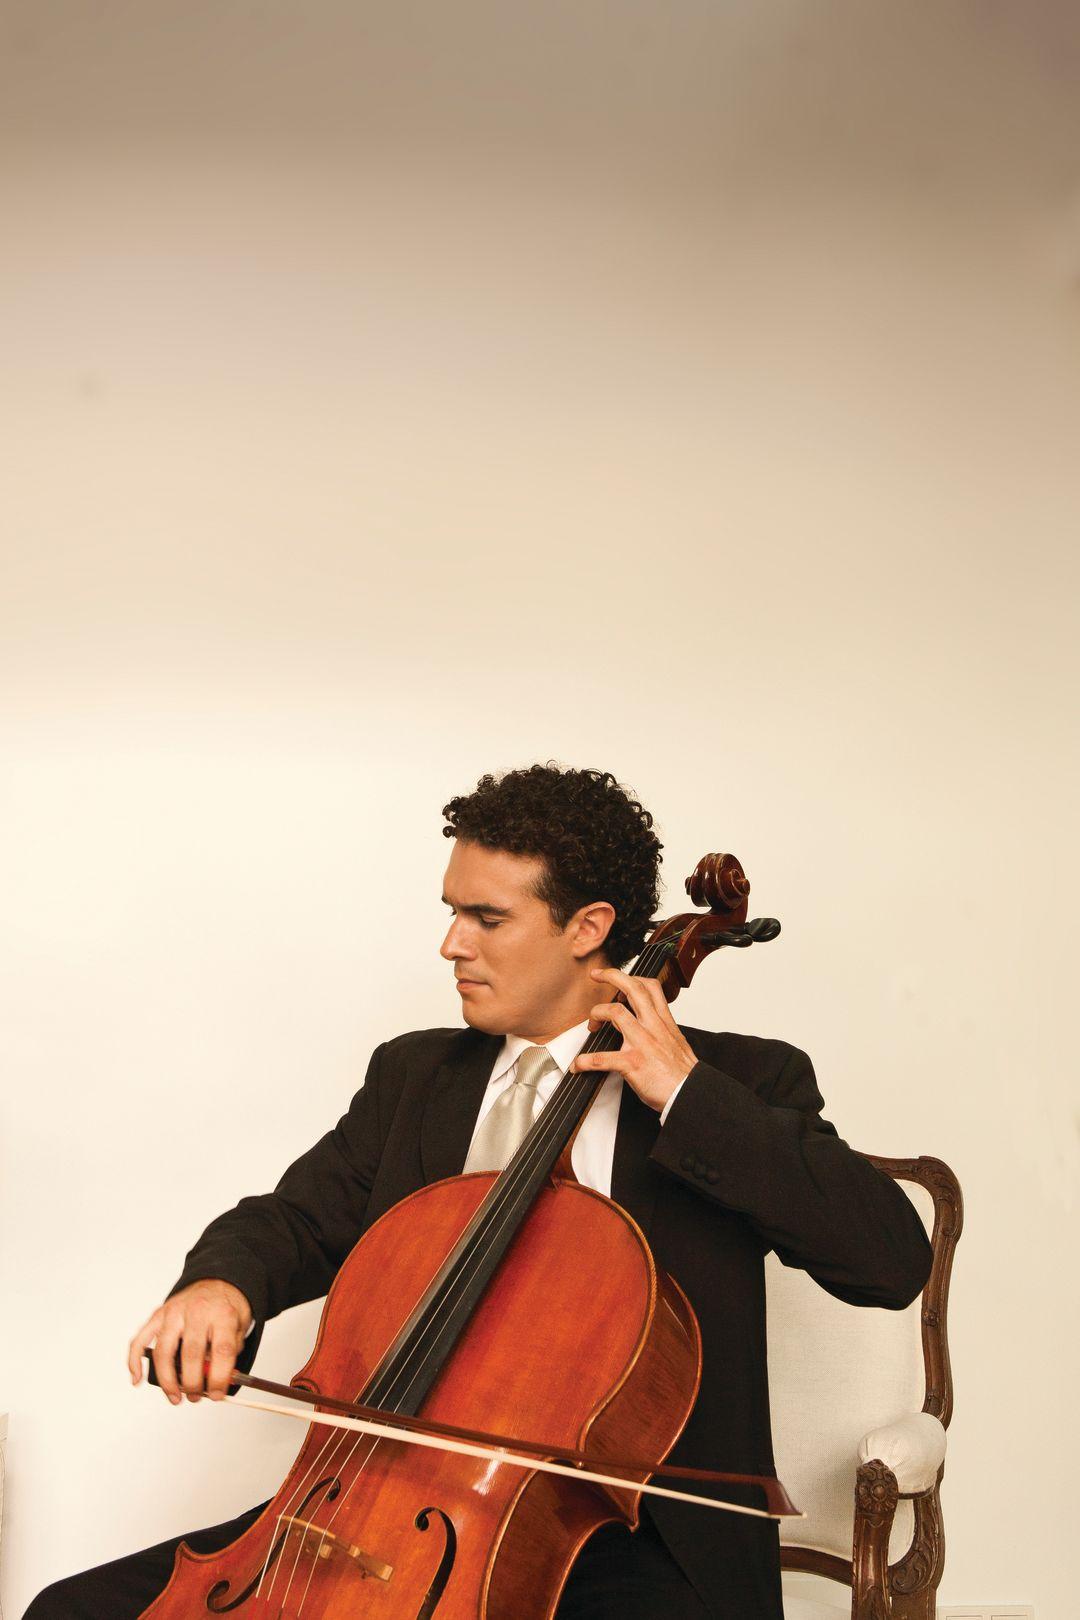 Sarasota orchestra adolfo gutierrez arenas af3qtx